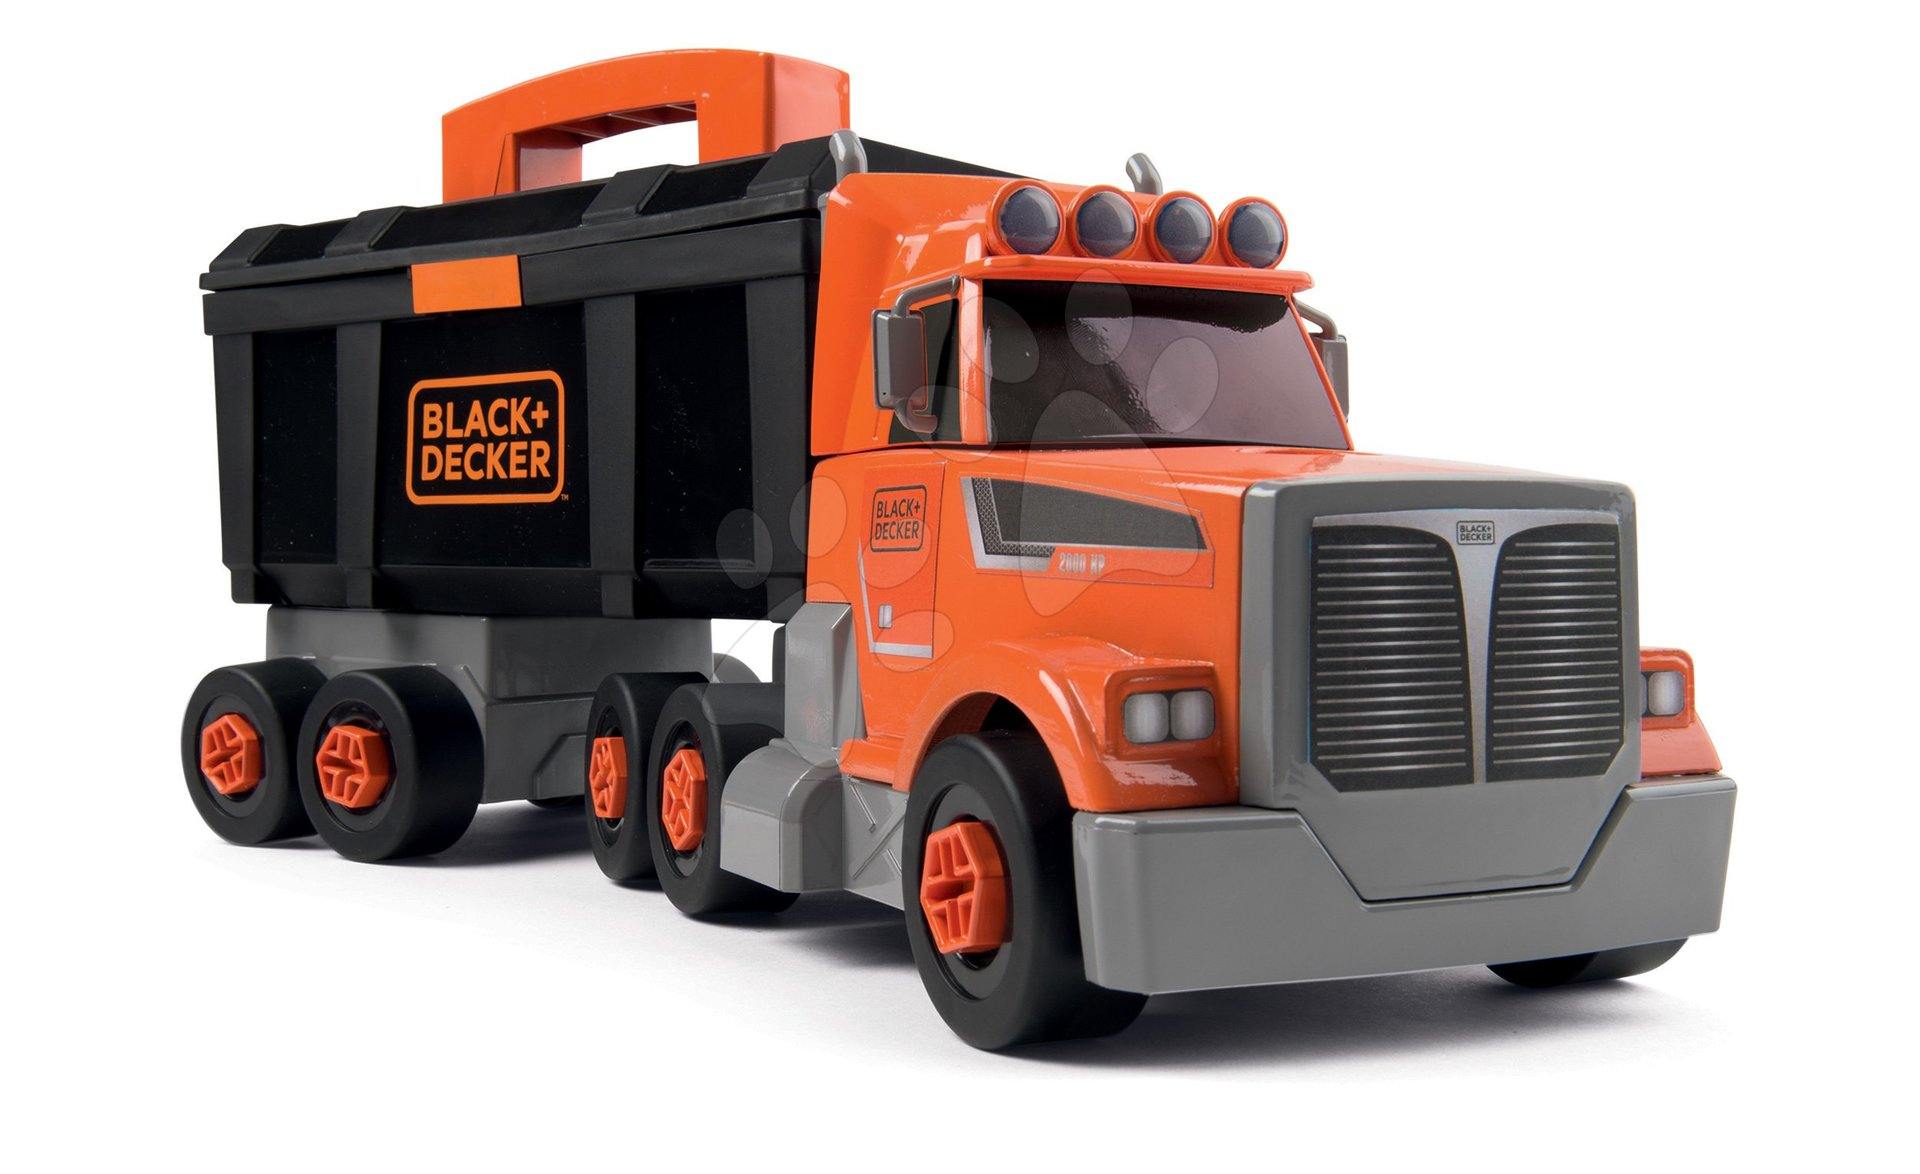 Játék szerelőasztalok - Kamion szerszámos bőrönddel Black&Decker Truck Smoby és 60 kiegészítővel, szerszámokkal